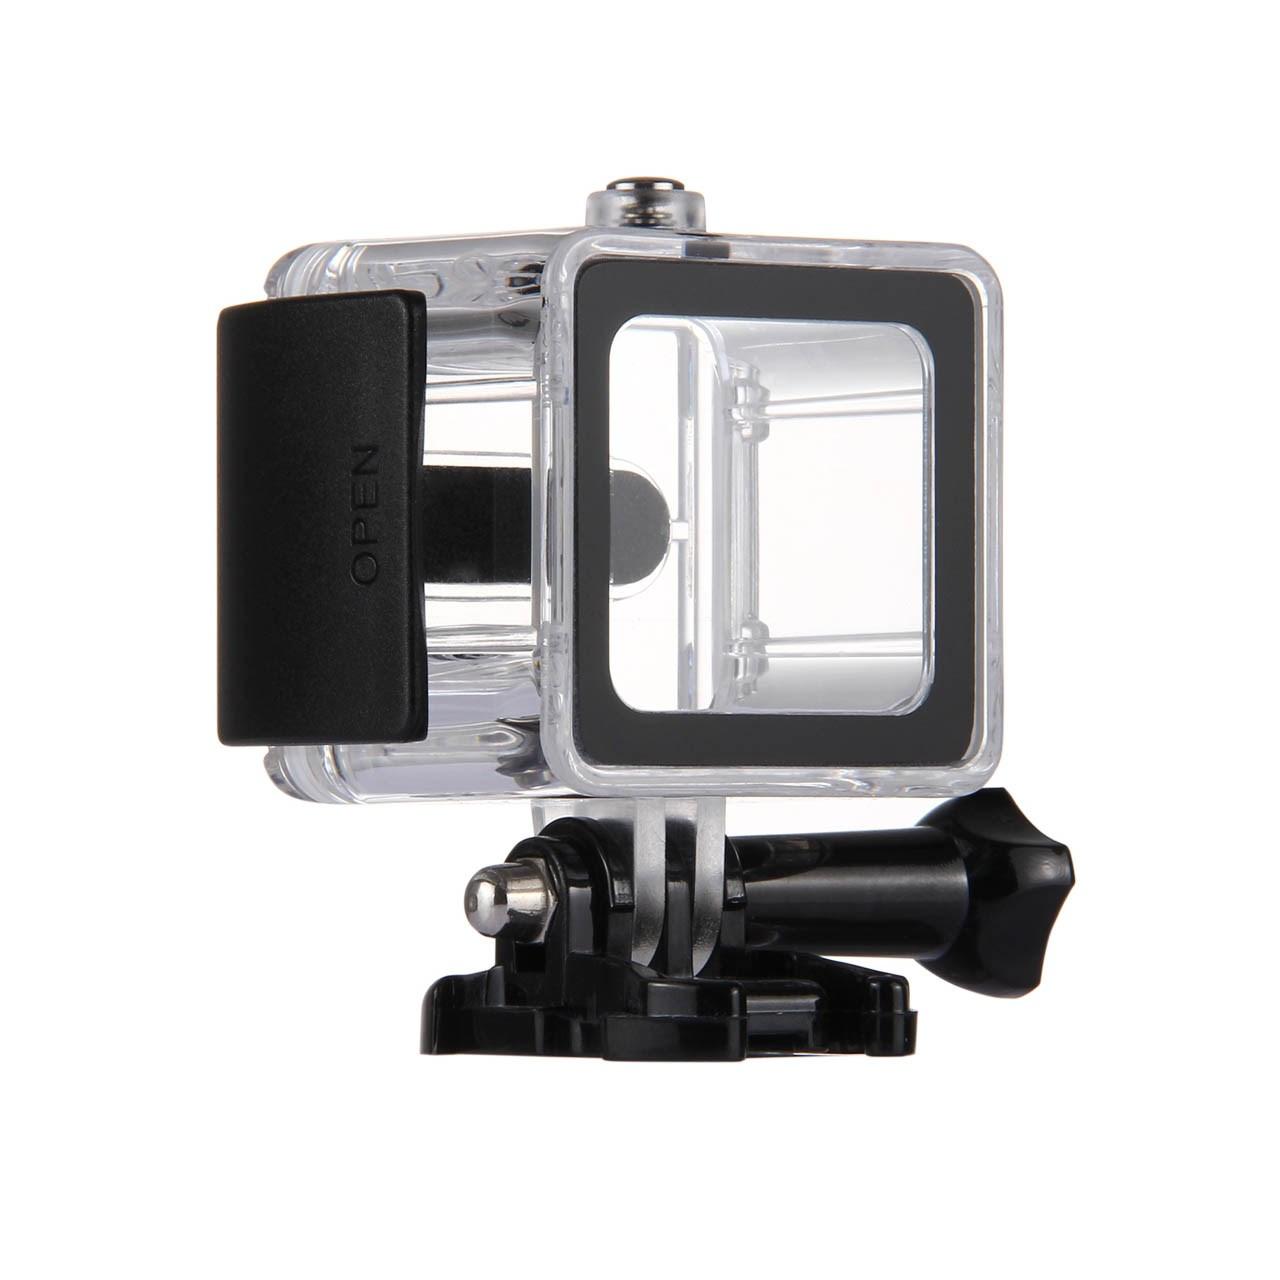 بررسی و {خرید با تخفیف}                                     کاور ضد آب پلوز مدل Waterproof Housing مناسب برای دوربین ورزشی گوپرو هیرو سشن 4 و 5                             اصل